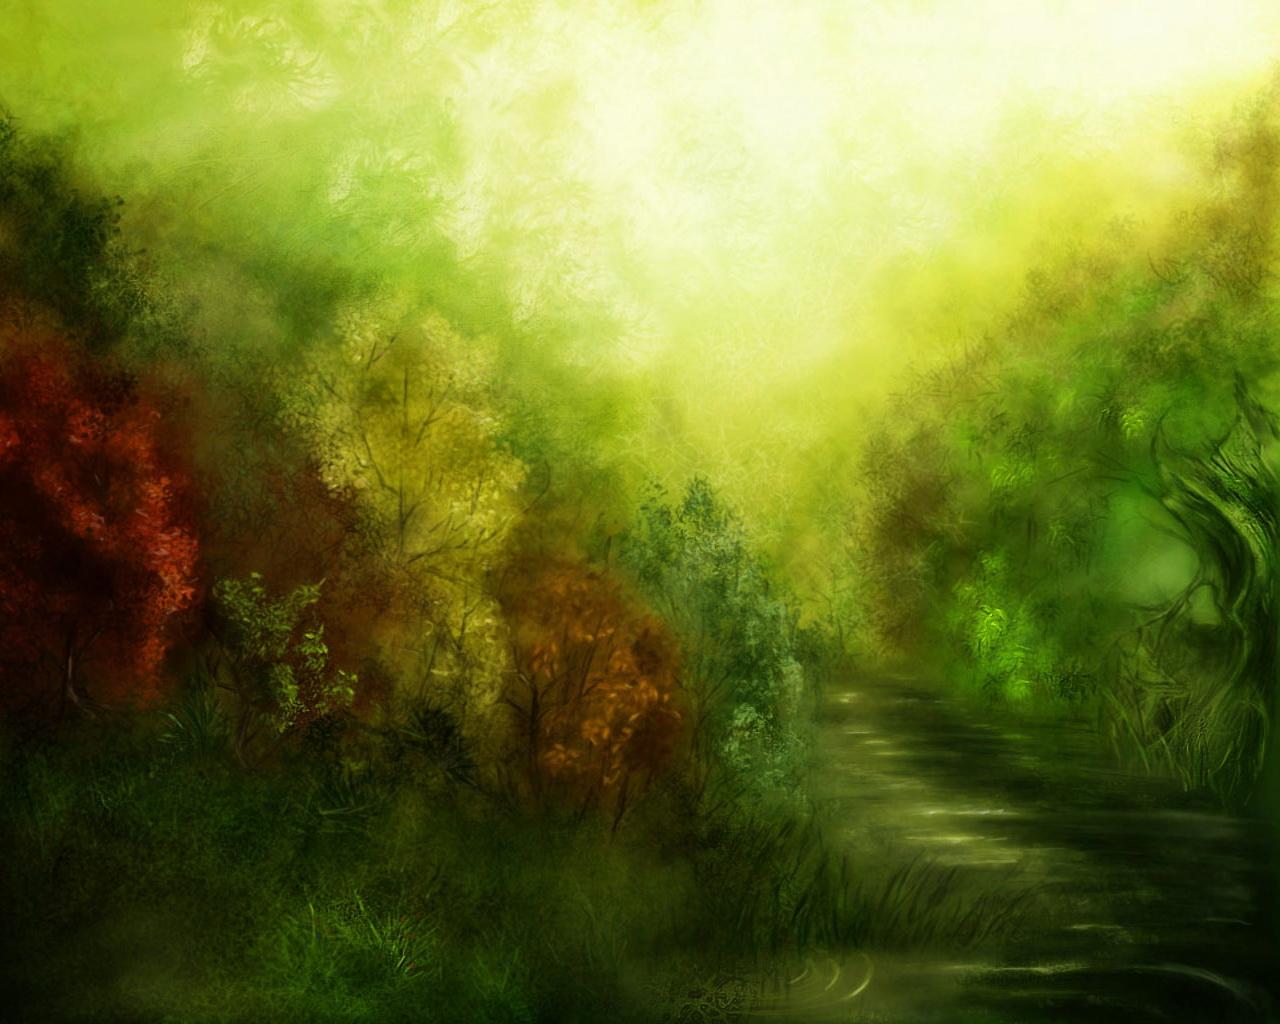 деревья, листва, лес, скачать фото, обои для рабочего стола